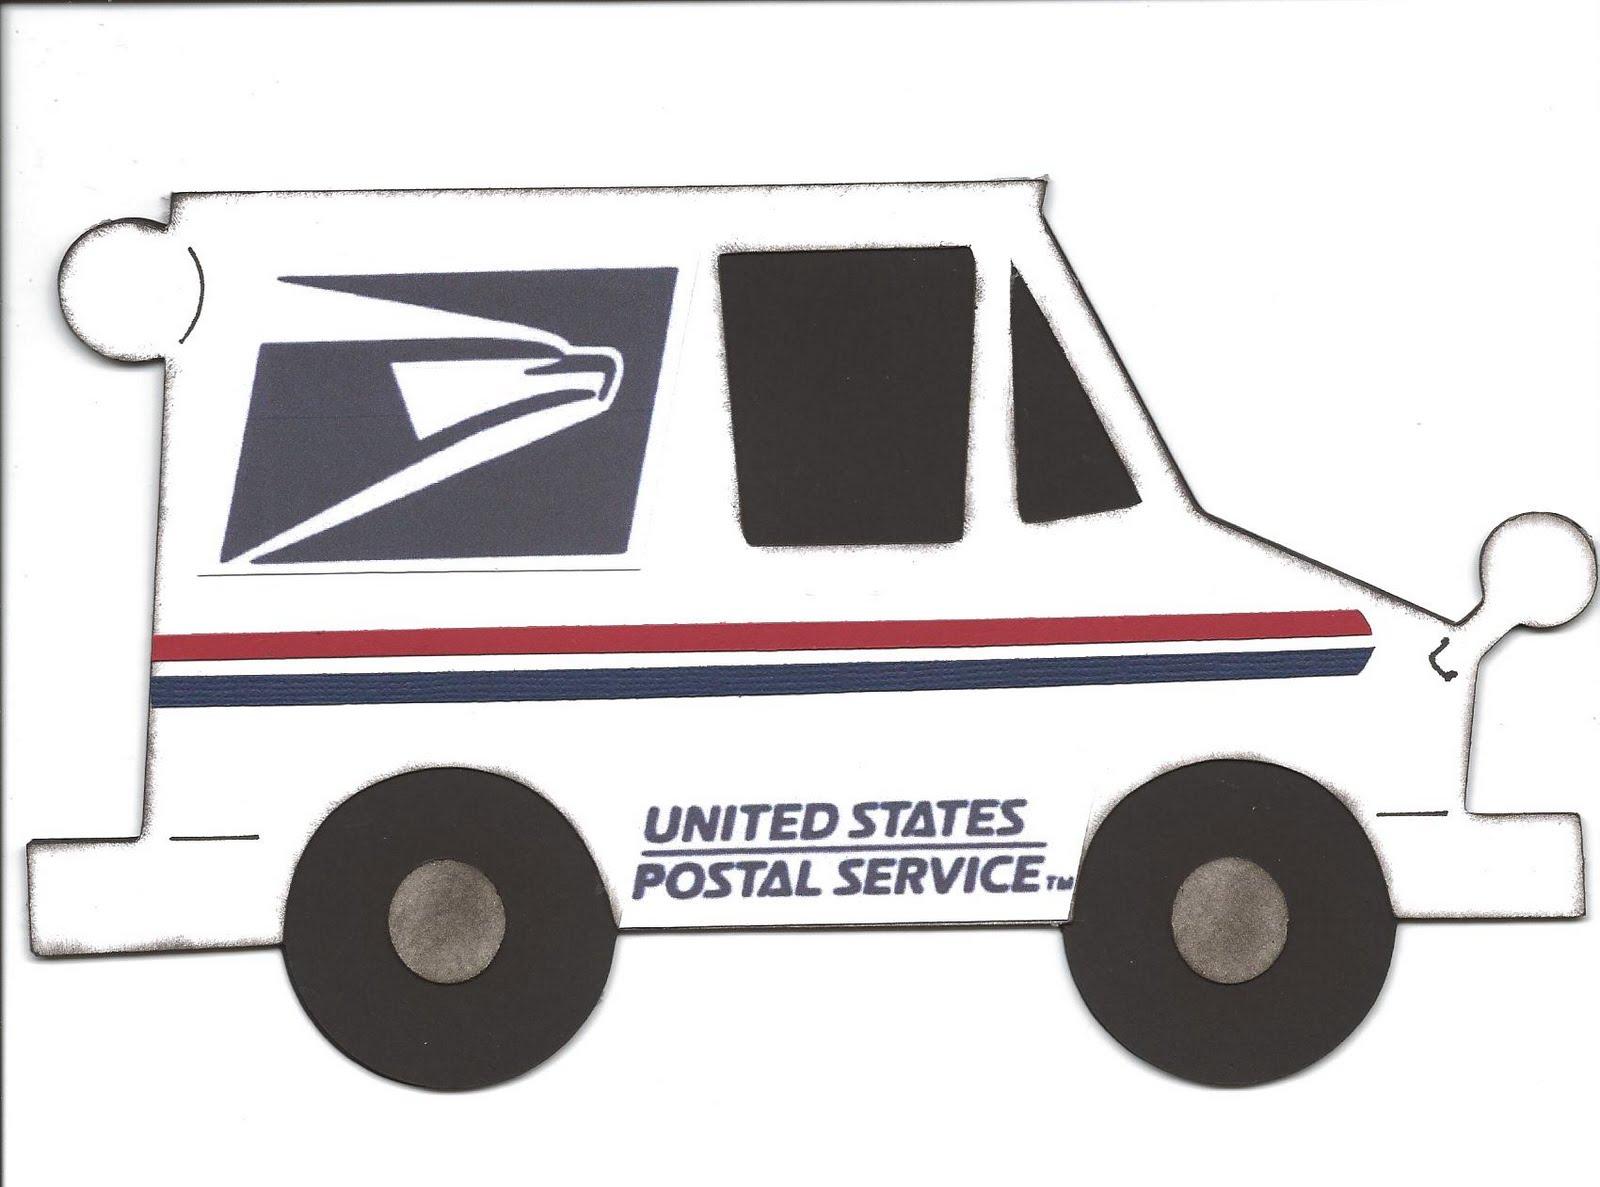 Fed Ex clipart postal truck Postal 74 truck Truck Us